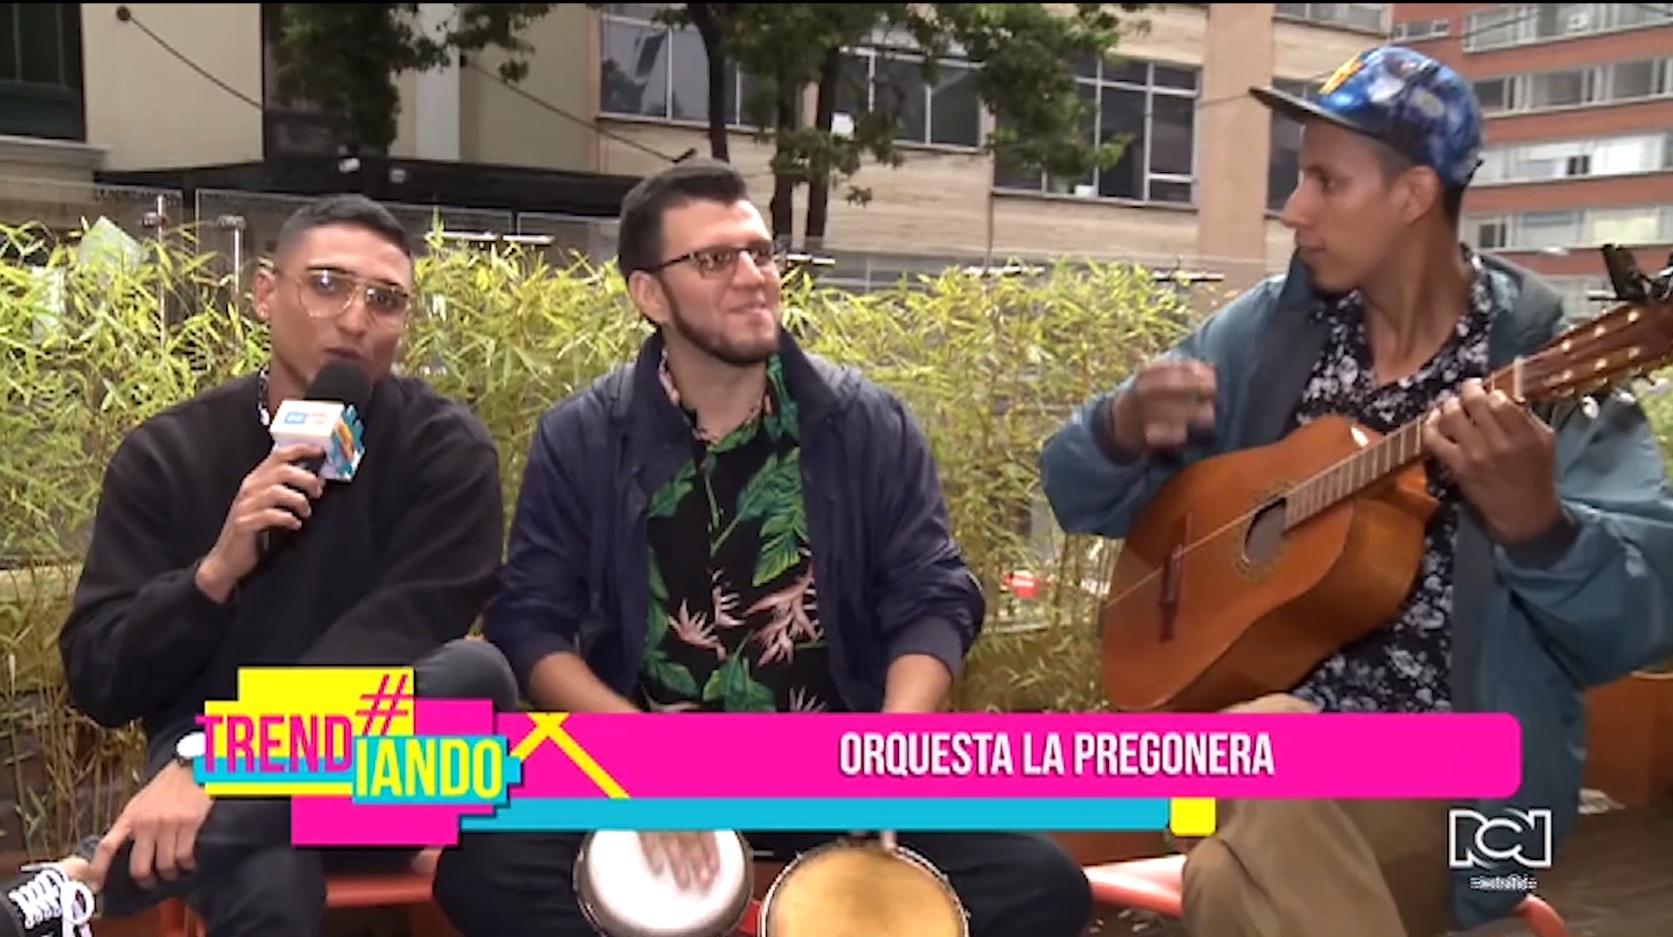 La Pregonera Orquesta lanzó su nuevo sencillo 'Un, dos por tres'